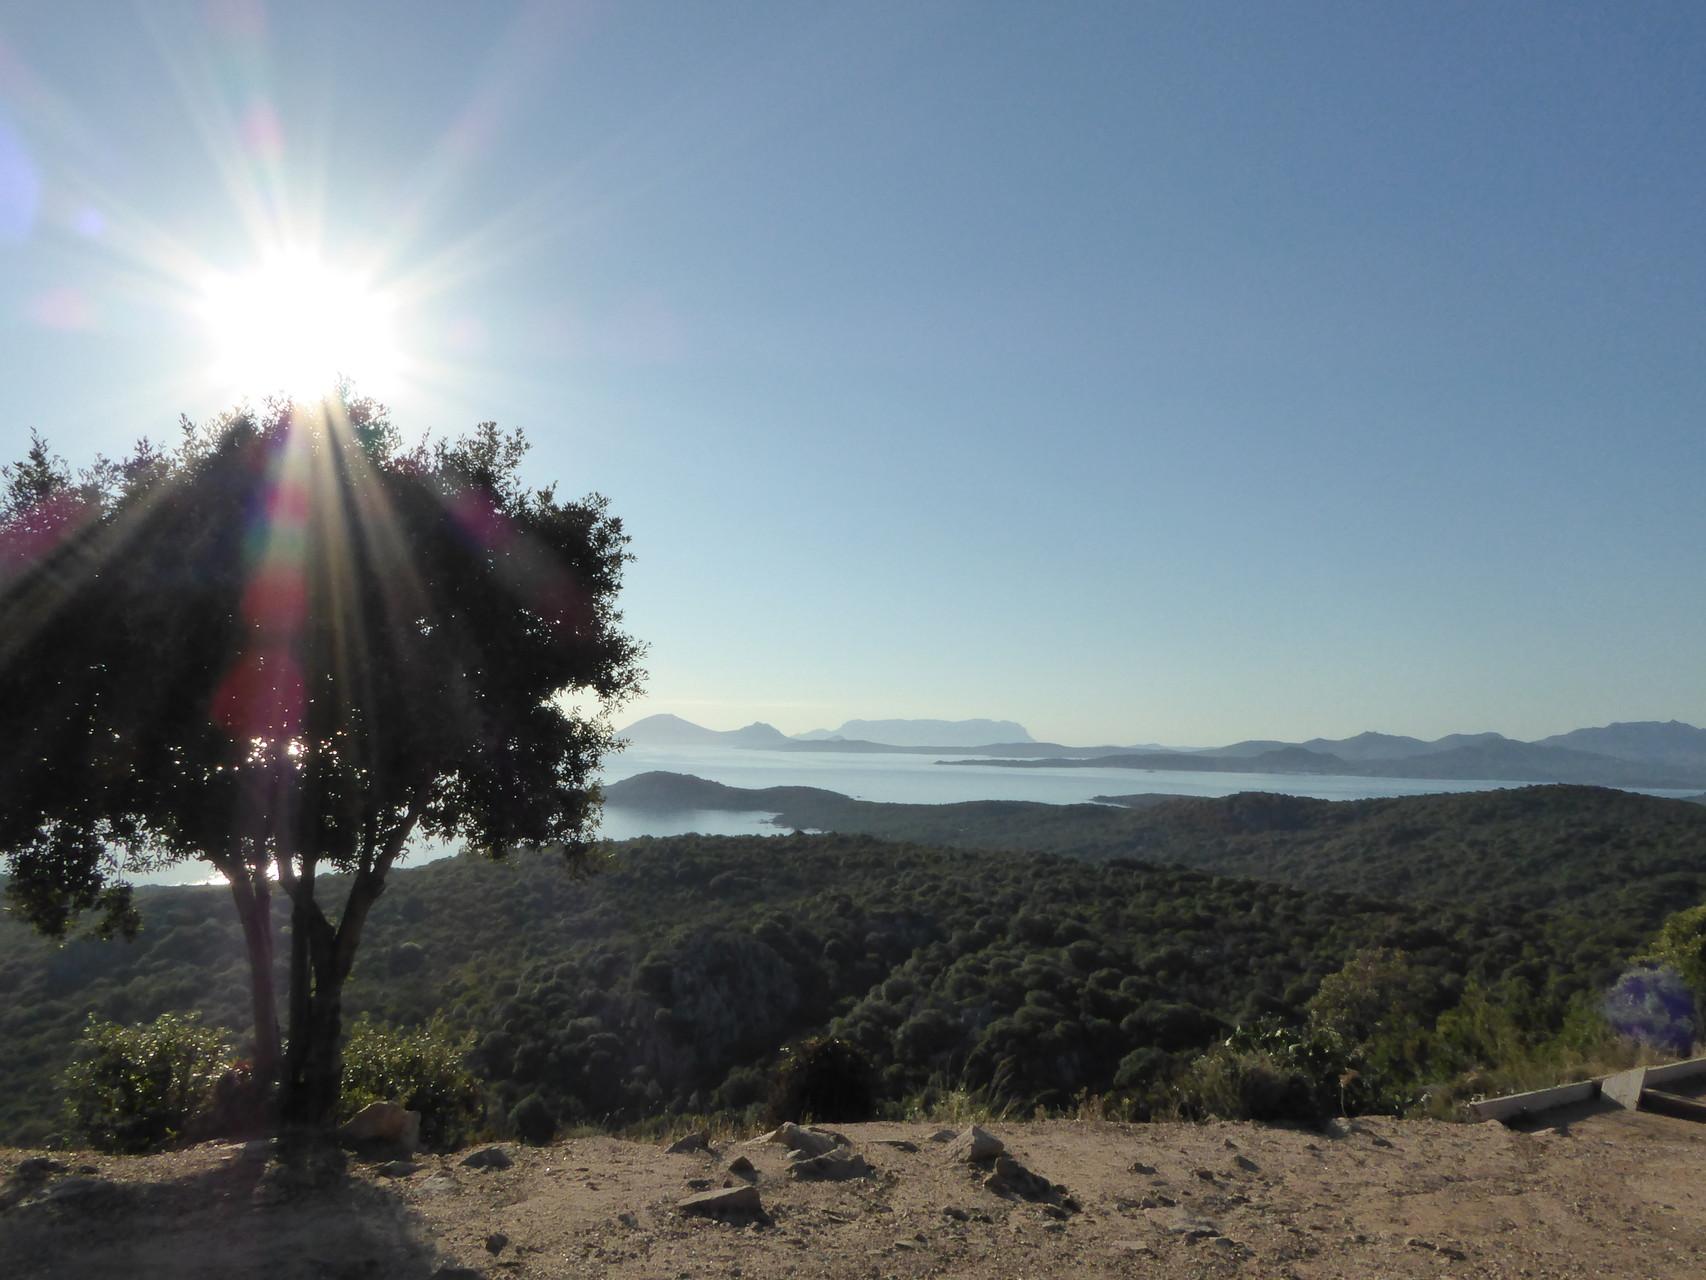 Schon der Weg vom Flughafen Olbia in die Hügel hinter Porto Cervo ist traumhaft. Hach...